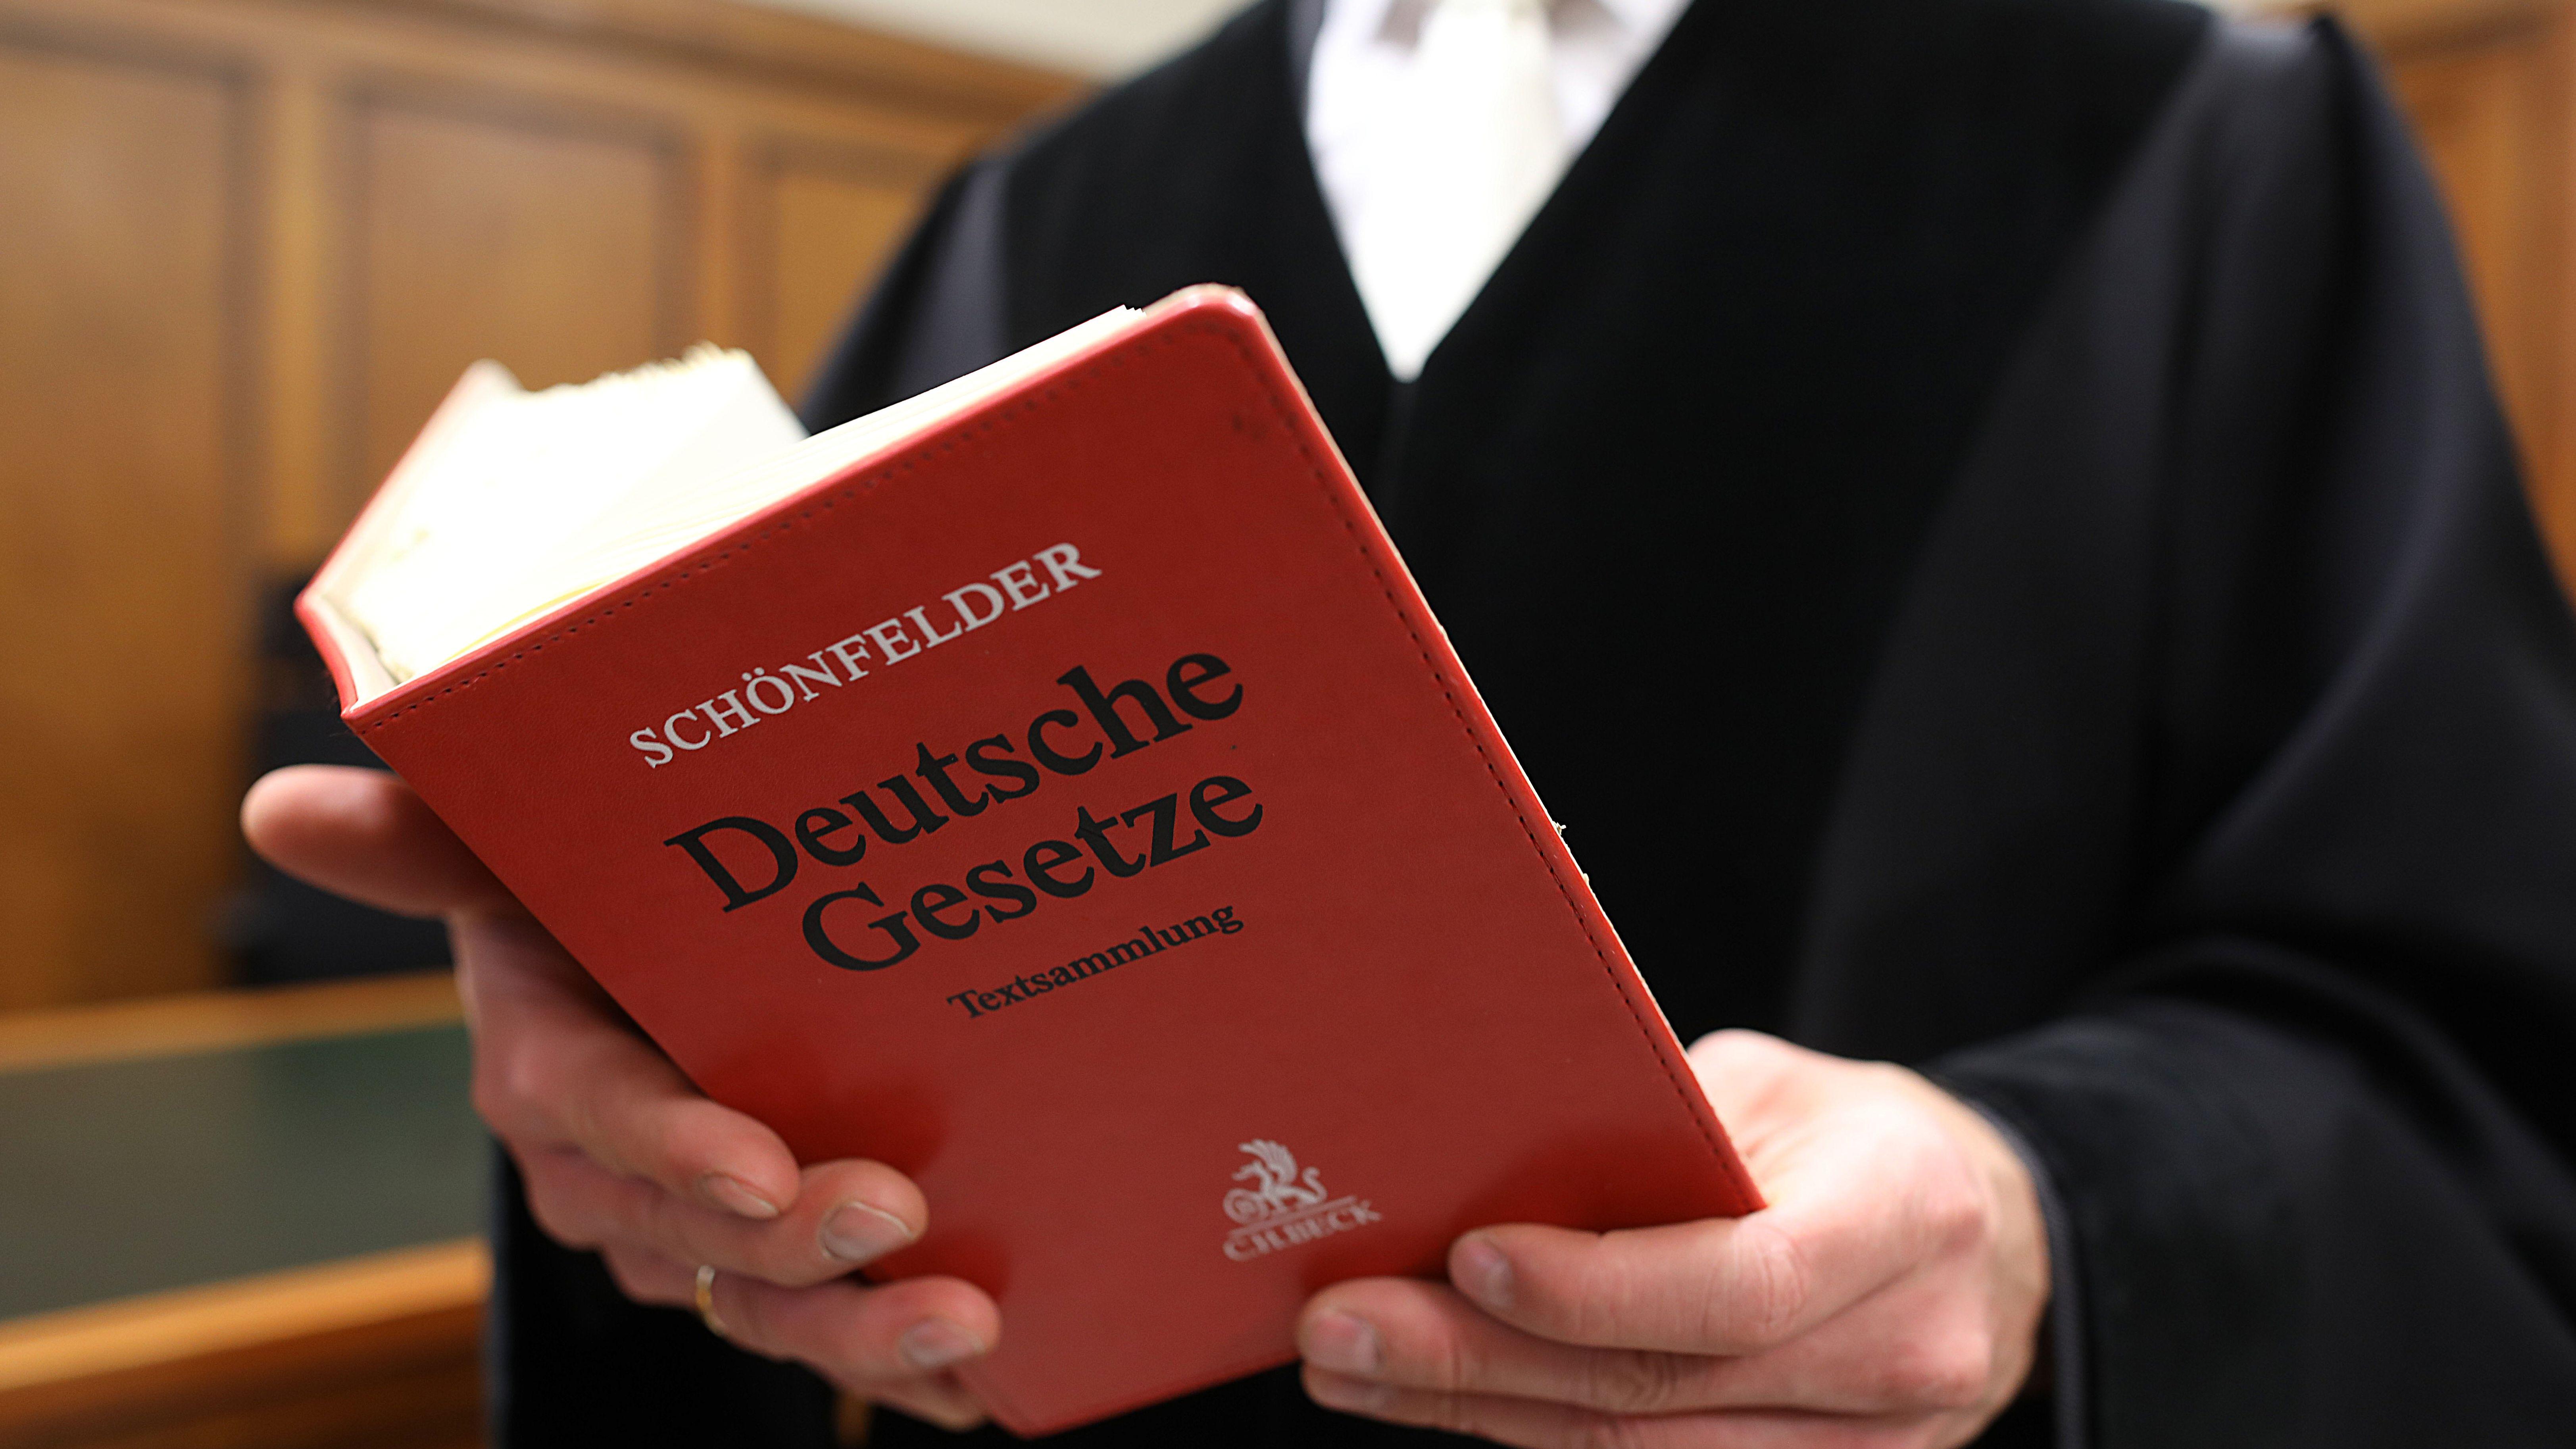 Richter, Gesetzbuch (Symbolbild)